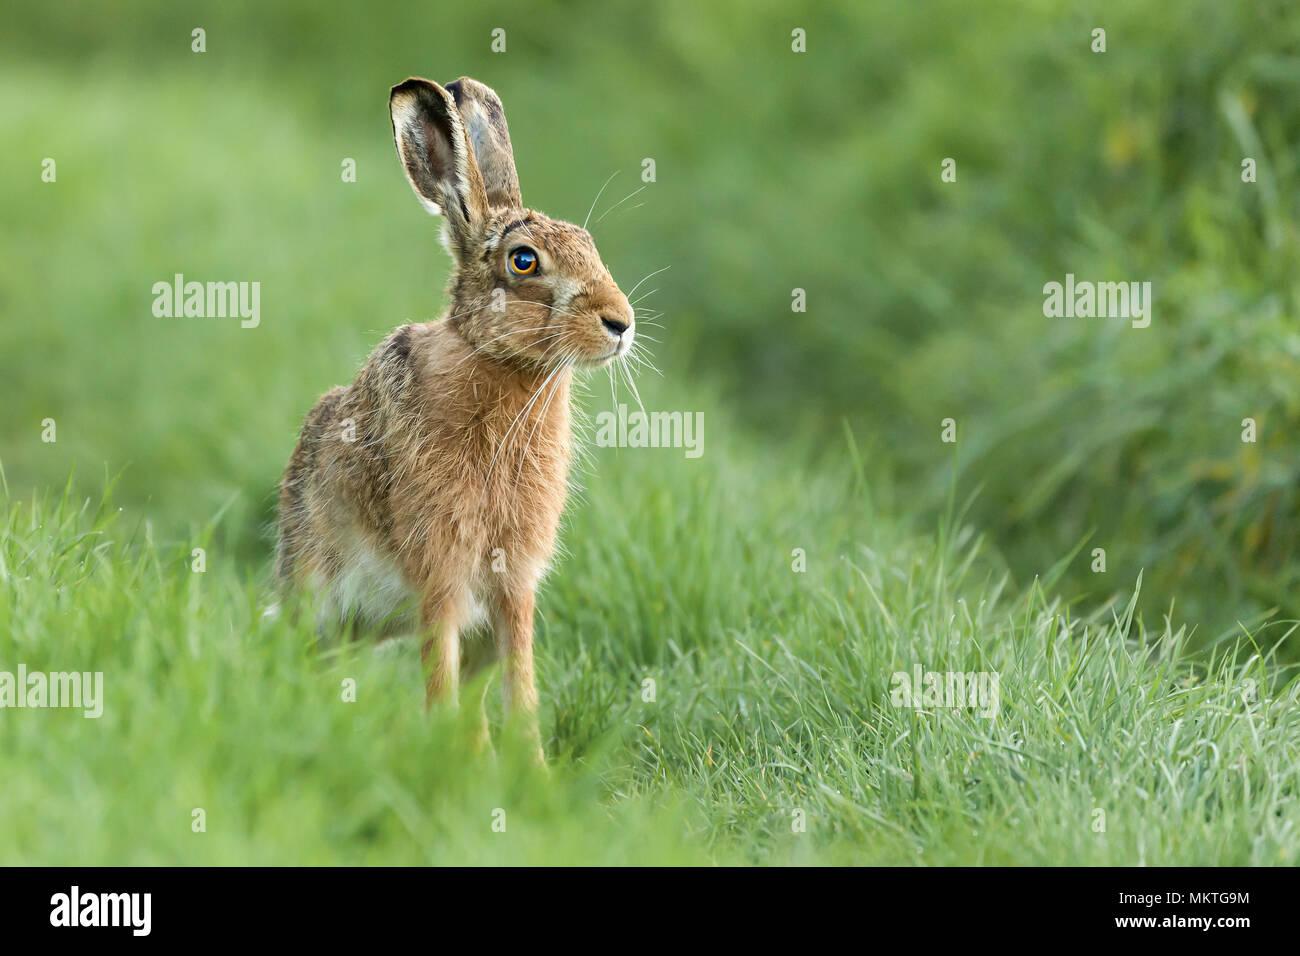 Hermosa liebre salvaje en Norfolk UK mañana temprano visto de cerca y con gran detalle. Ubicación de tierras de pasto húmedo Imagen De Stock